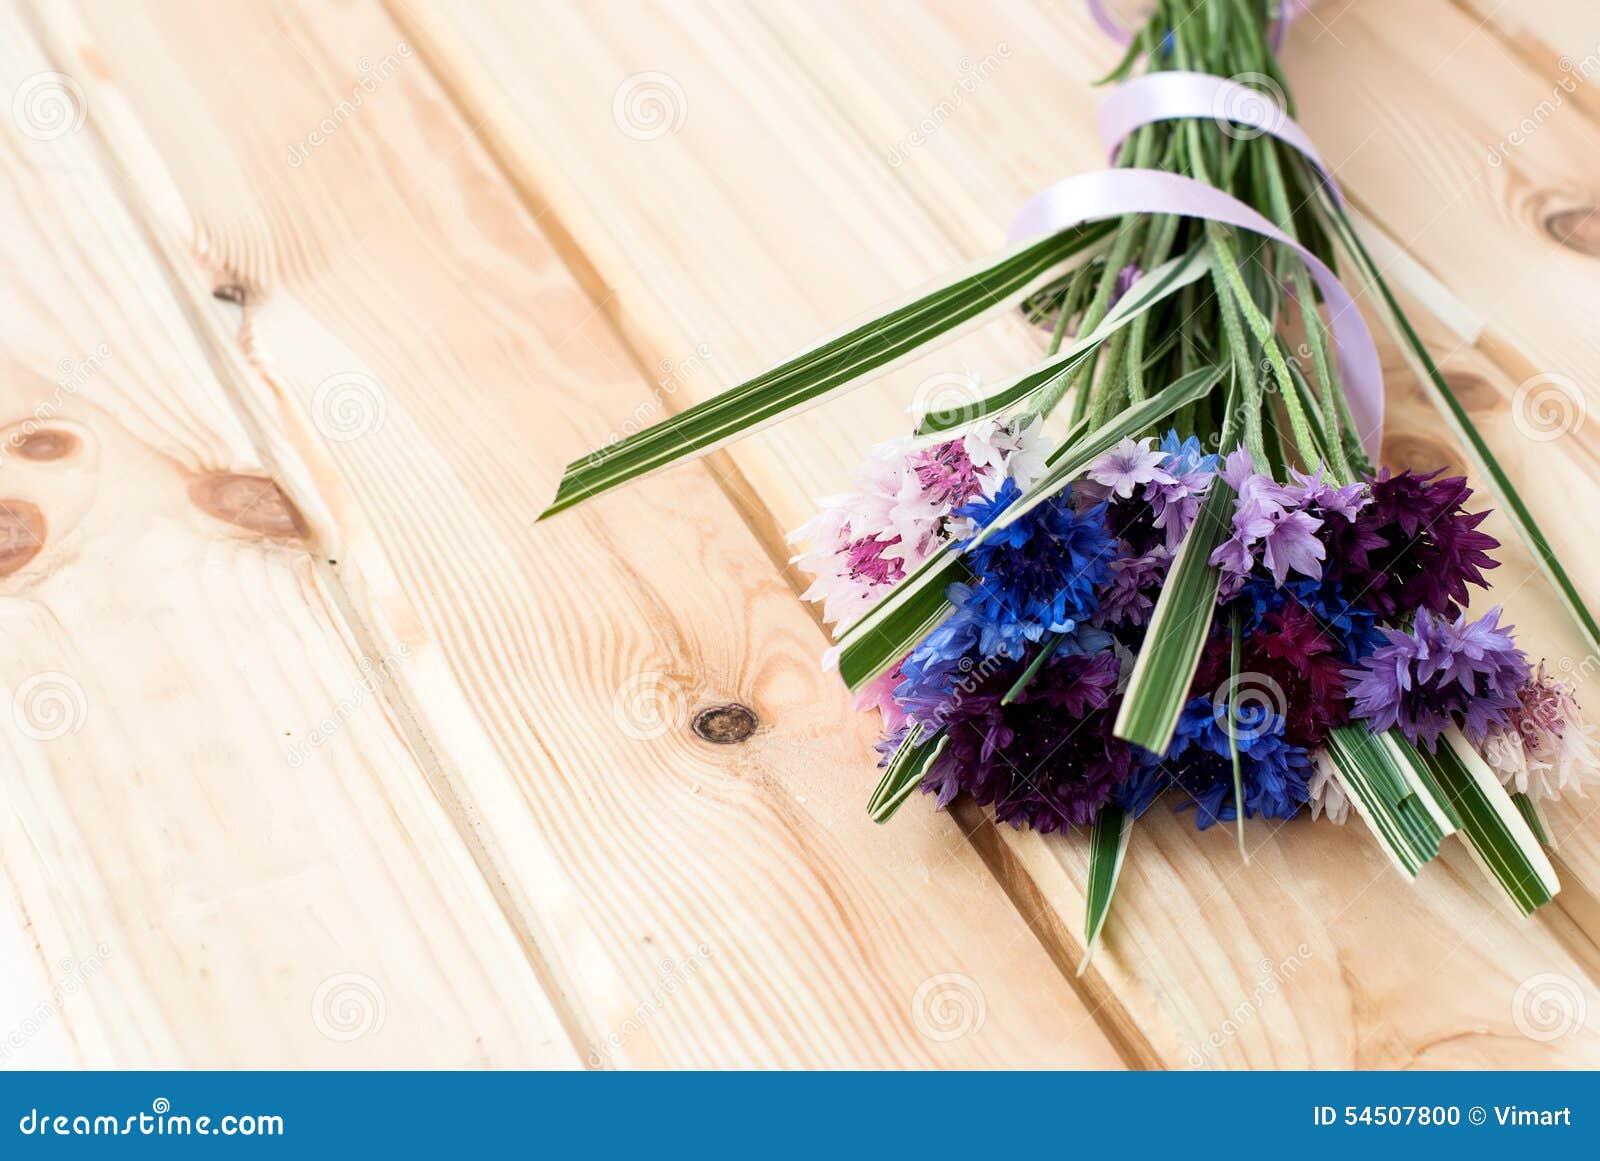 Fleurs de bleuets sur un fond en bois